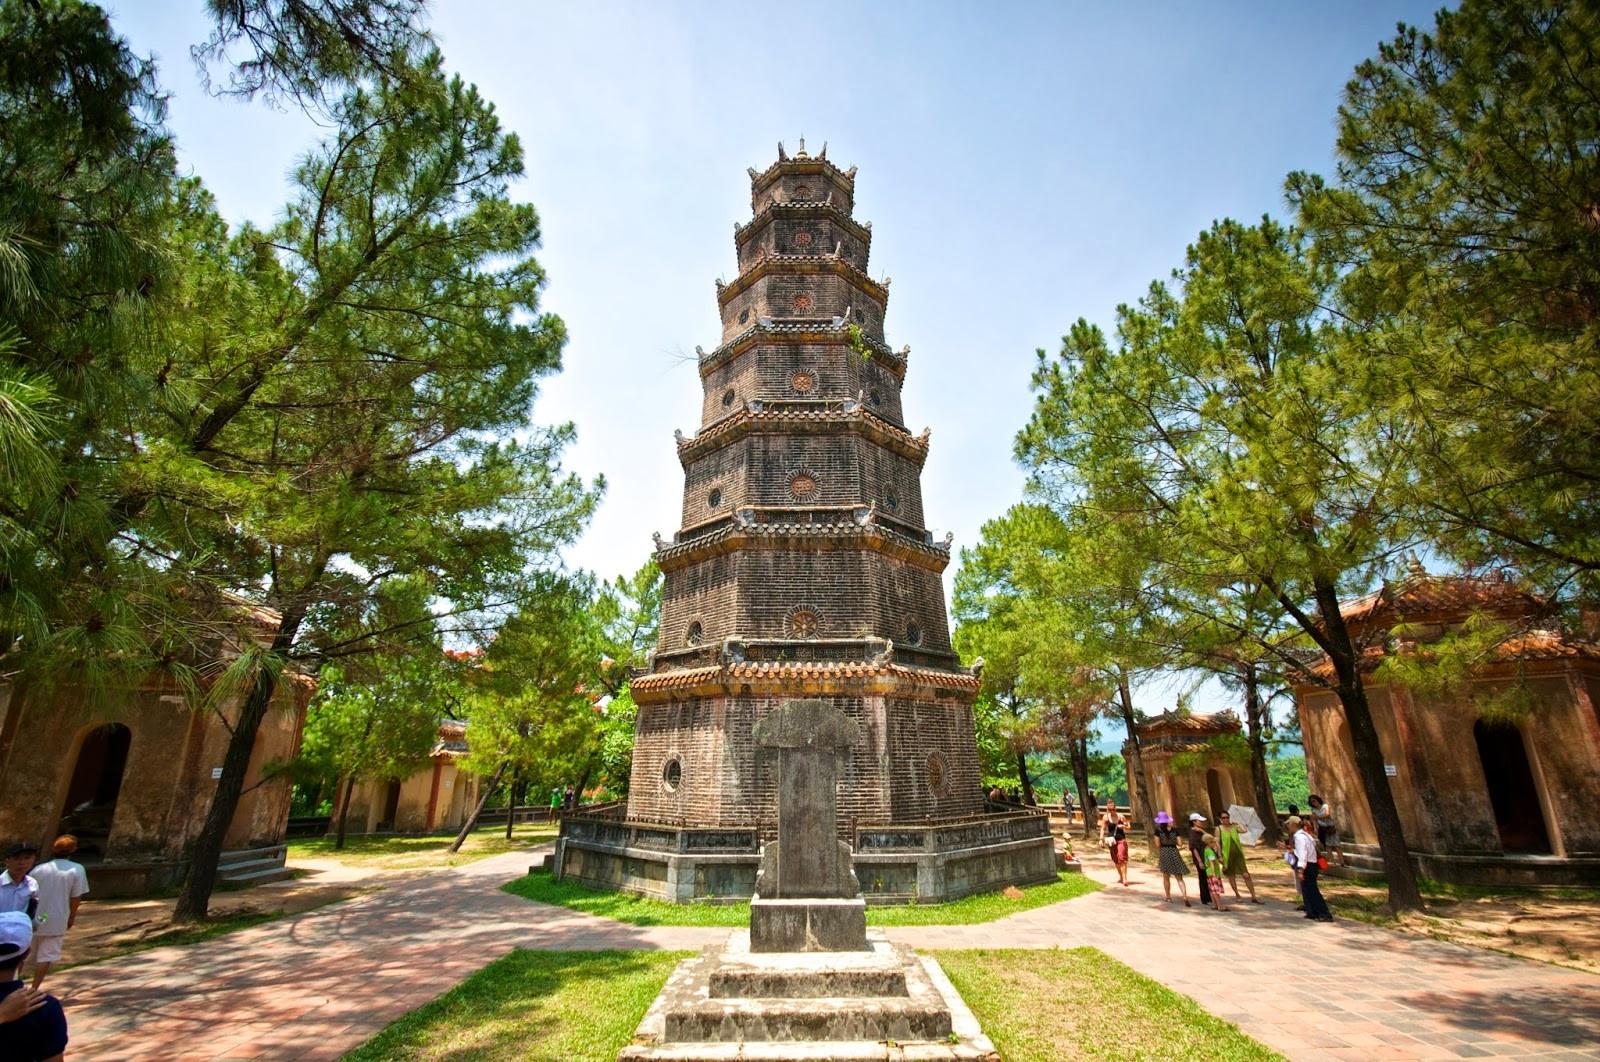 3 địa điểm du lịch tâm linh miền Trung lý tưởng – cho chuyến đi cuối năm thêm phần trọn vẹn